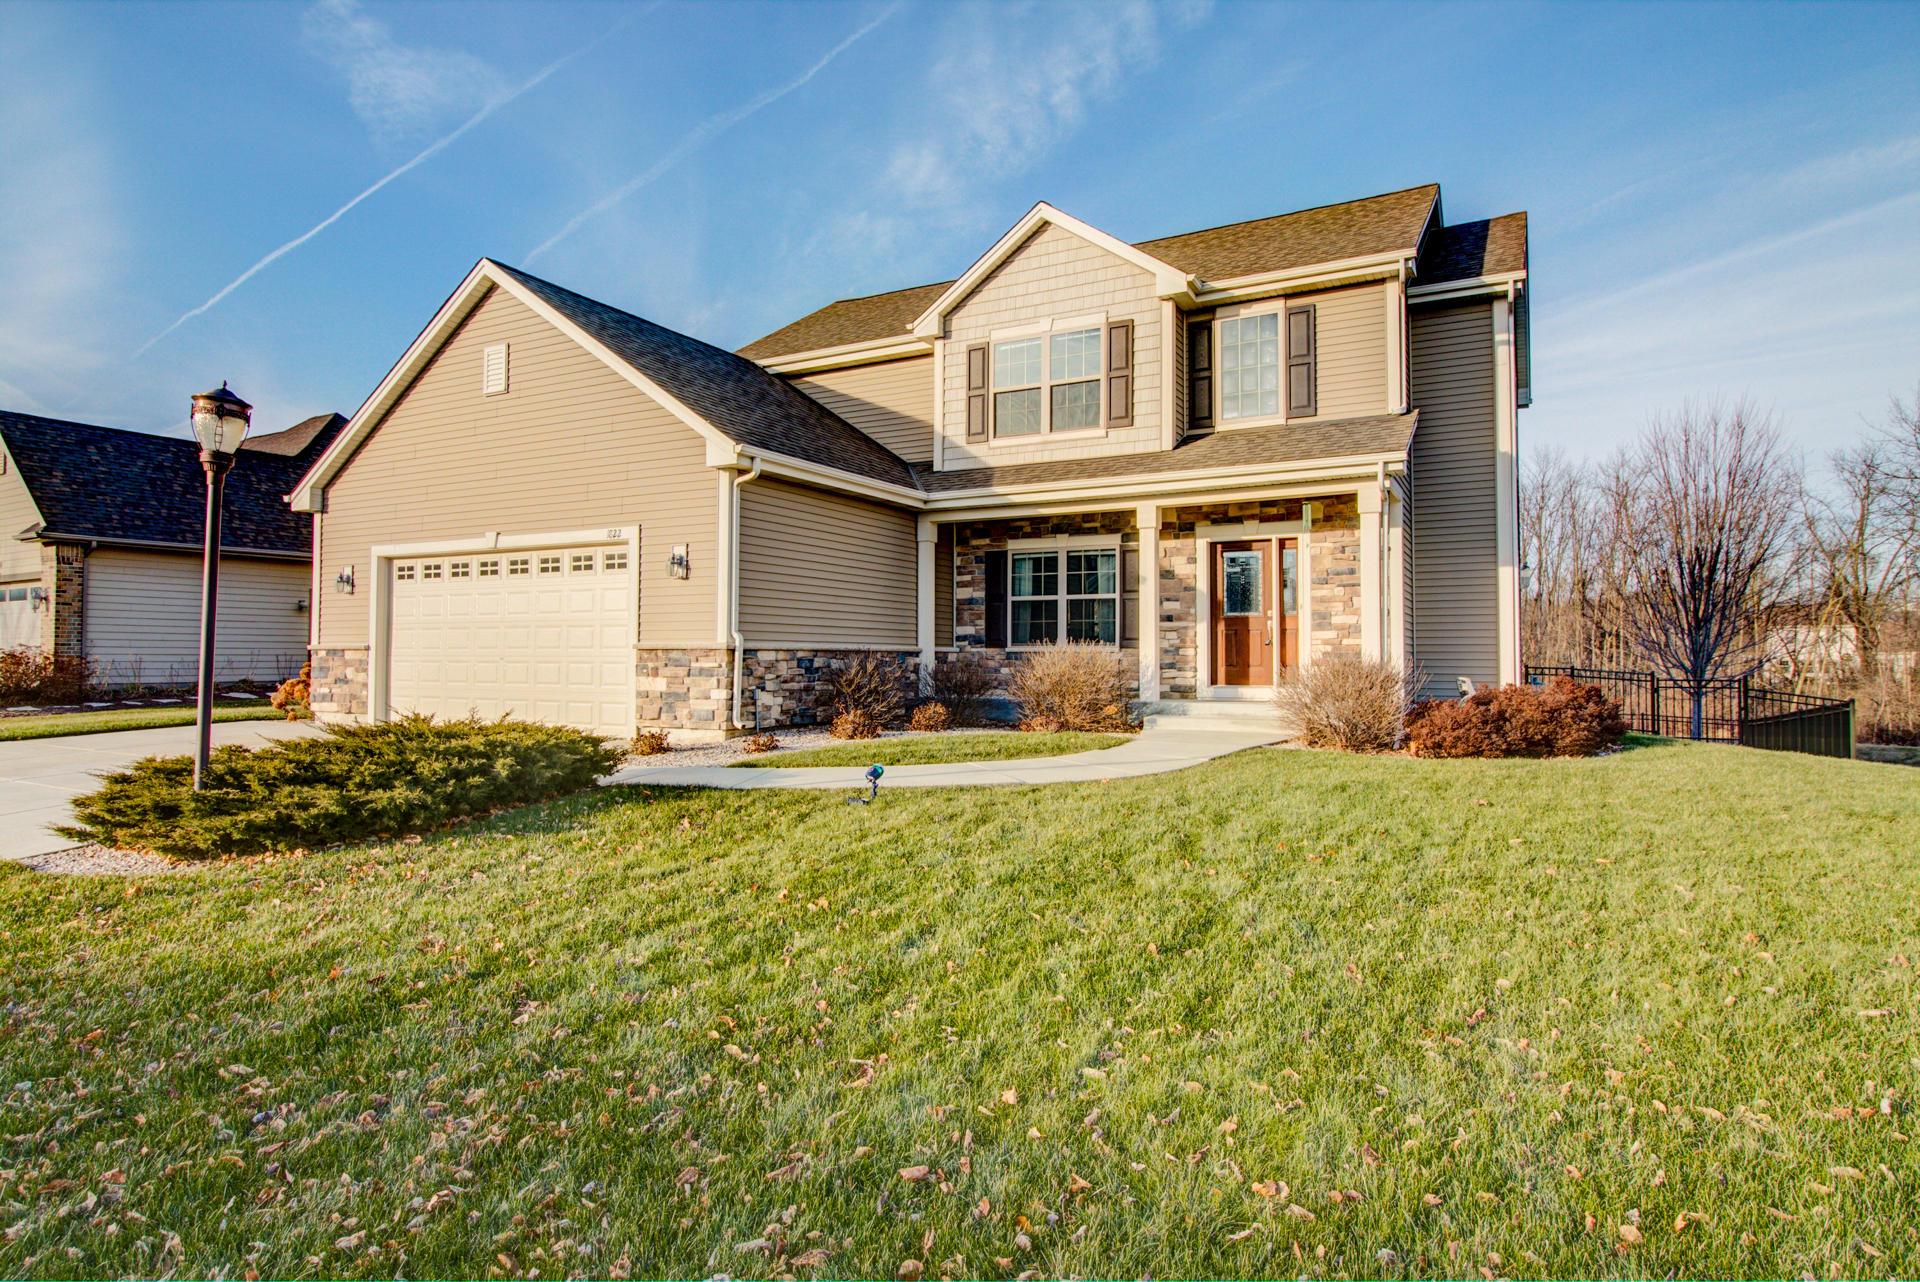 1822 Rockridge Way, Waukesha, Wisconsin 53188, 4 Bedrooms Bedrooms, 9 Rooms Rooms,2 BathroomsBathrooms,Single-Family,For Sale,Rockridge Way,1615601